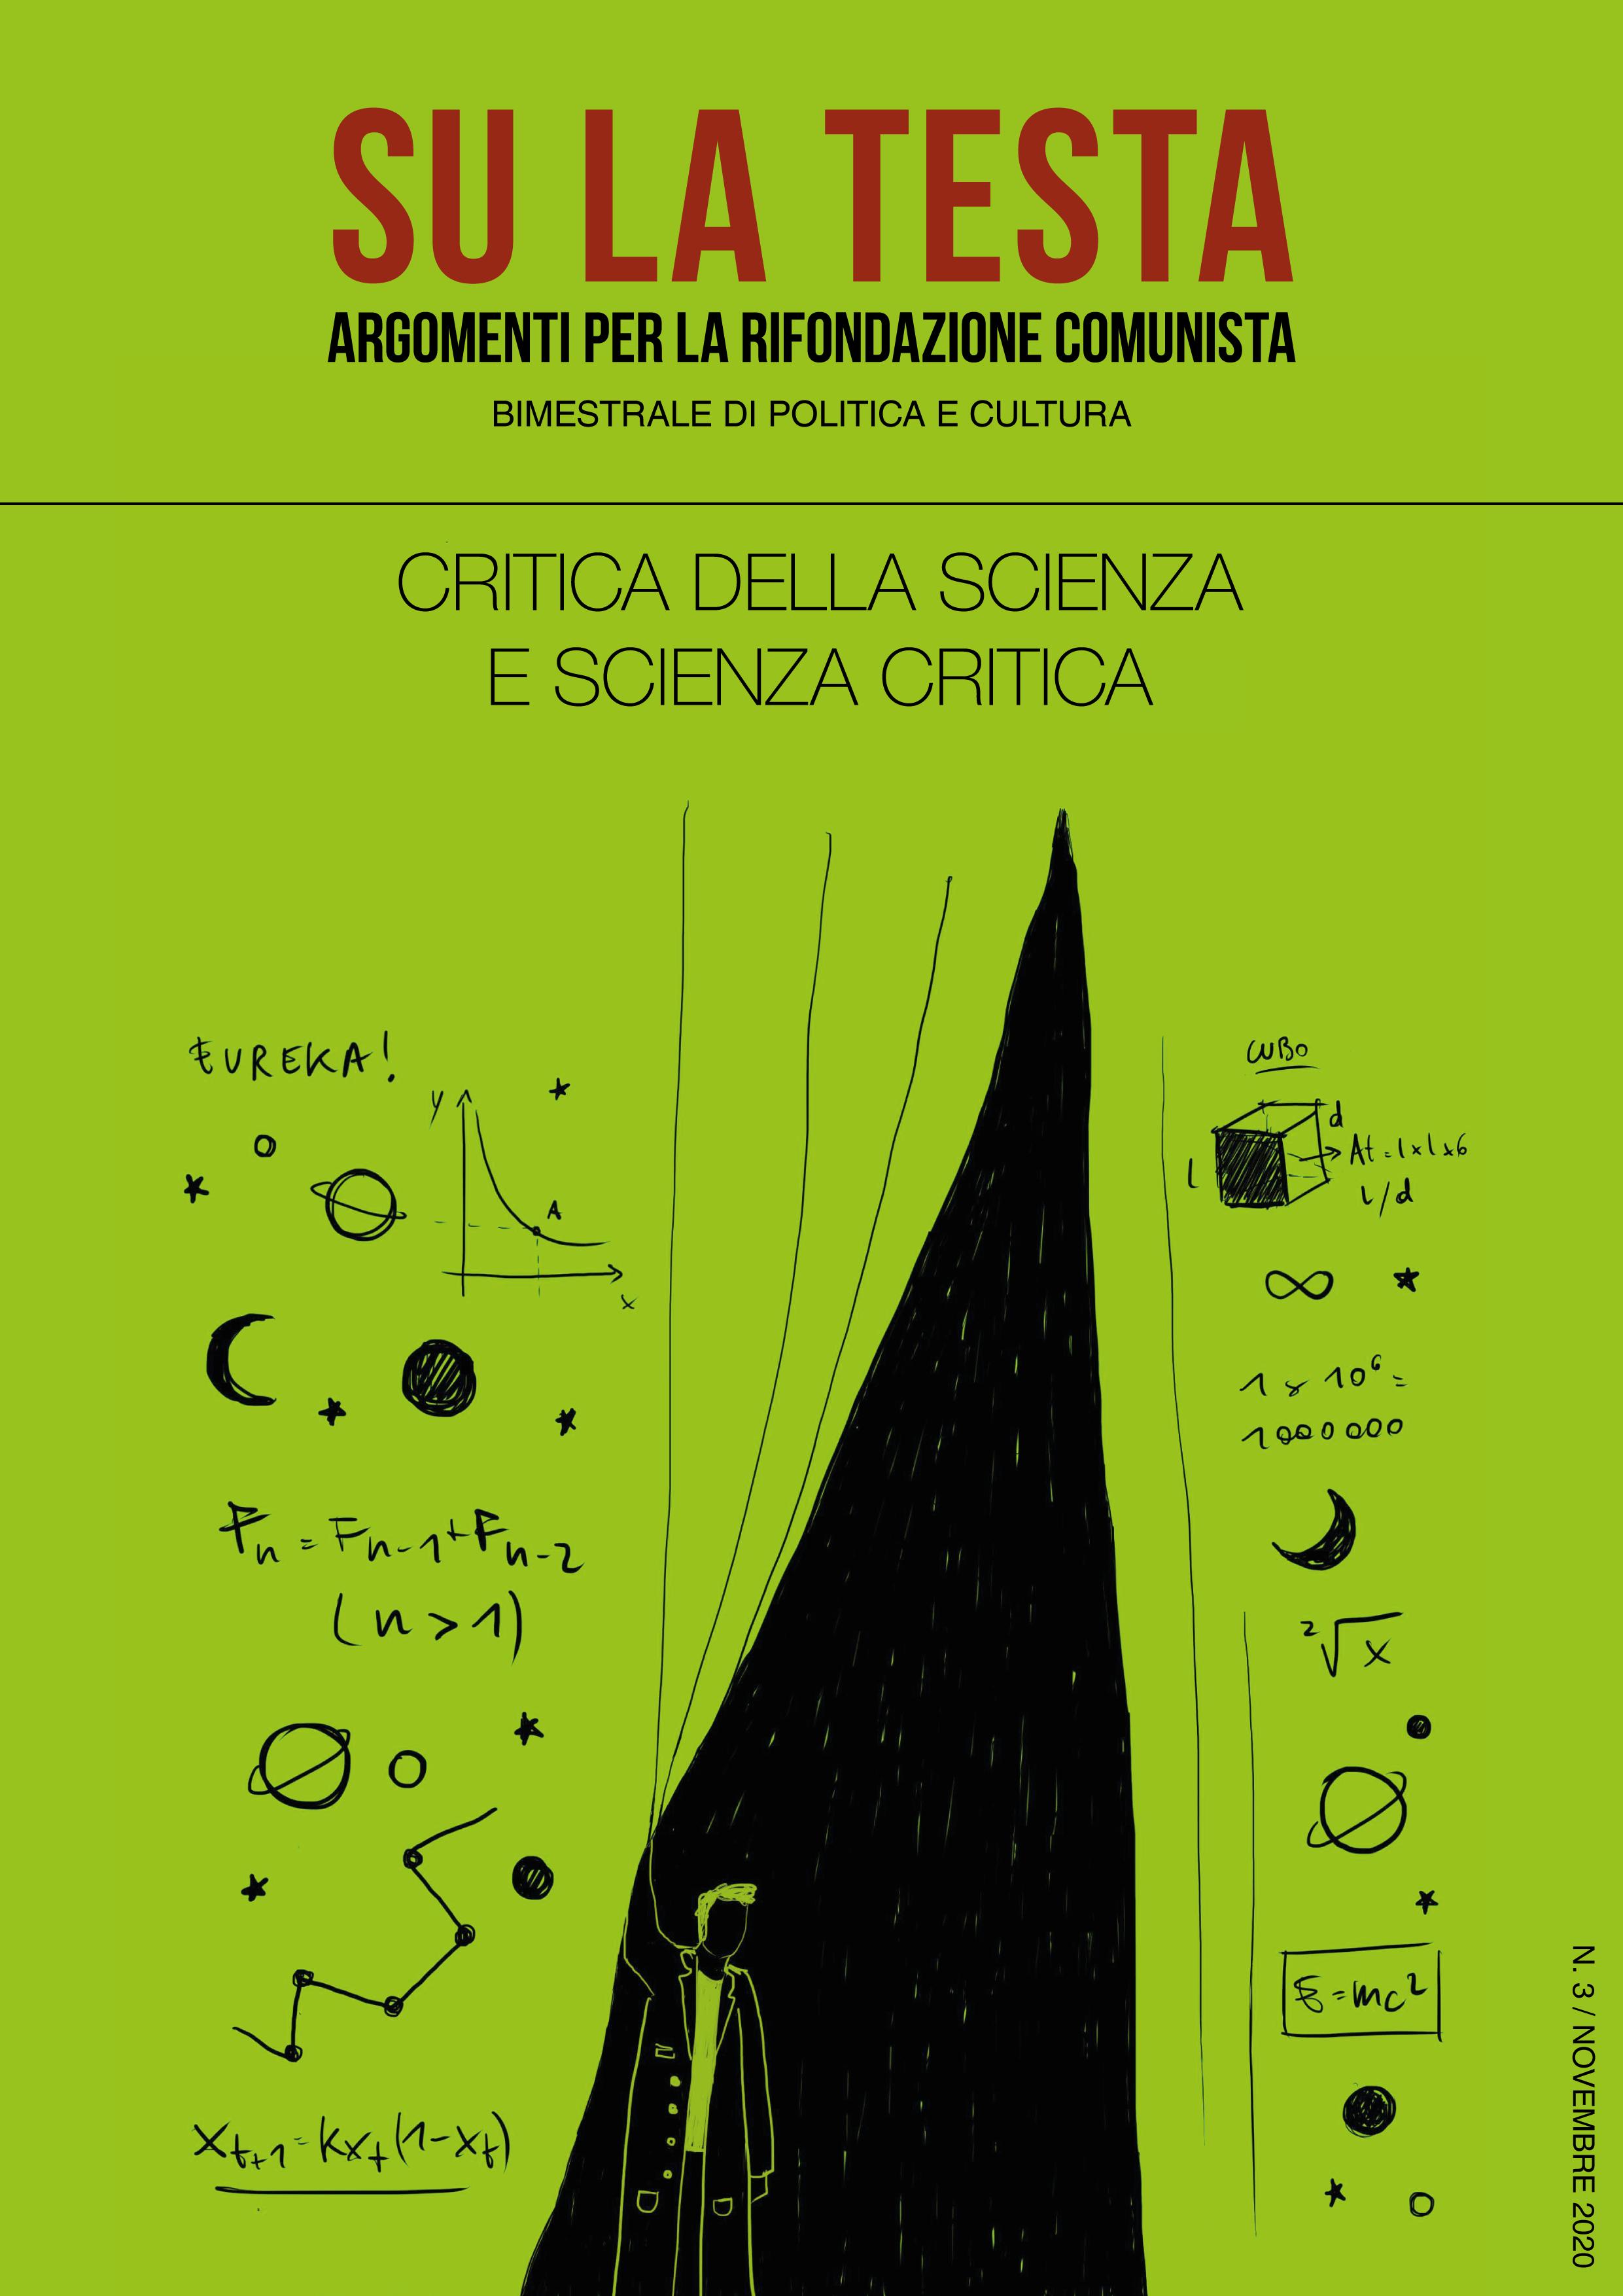 suLaTesta_web-01